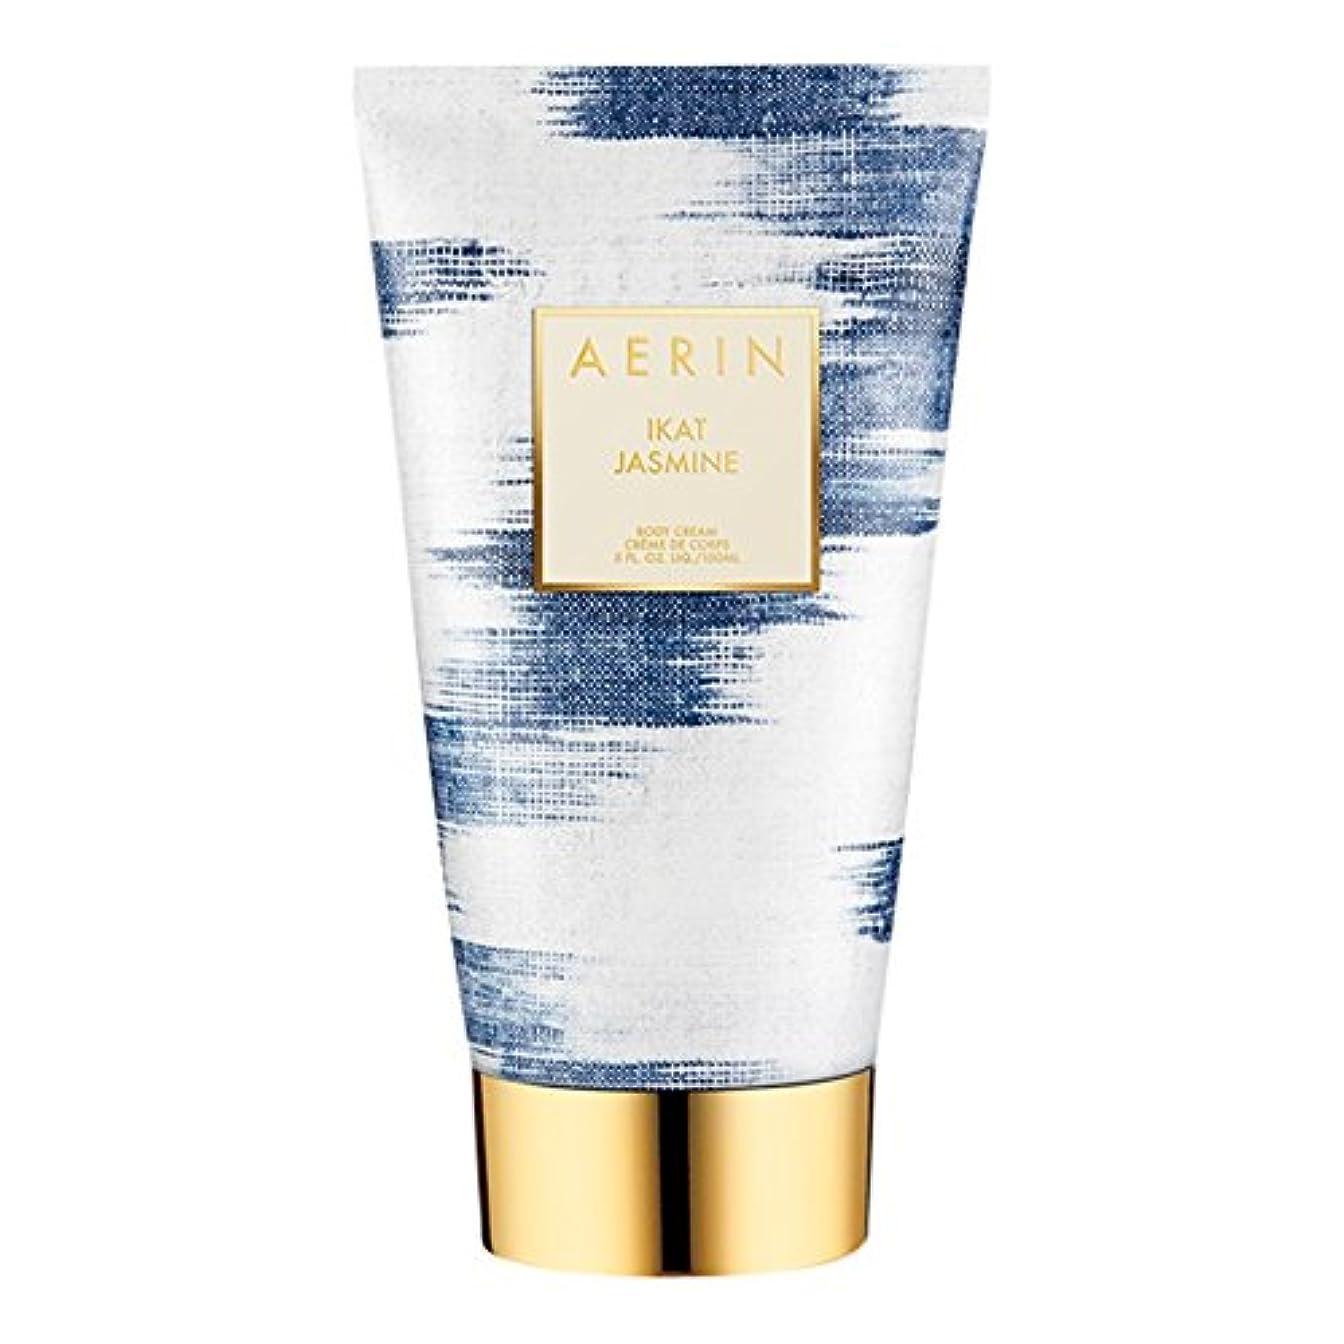 正統派森専門化するAerinイカットジャスミンボディクリーム150ミリリットル (AERIN) - AERIN Ikat Jasmine Body Cream 150ml [並行輸入品]